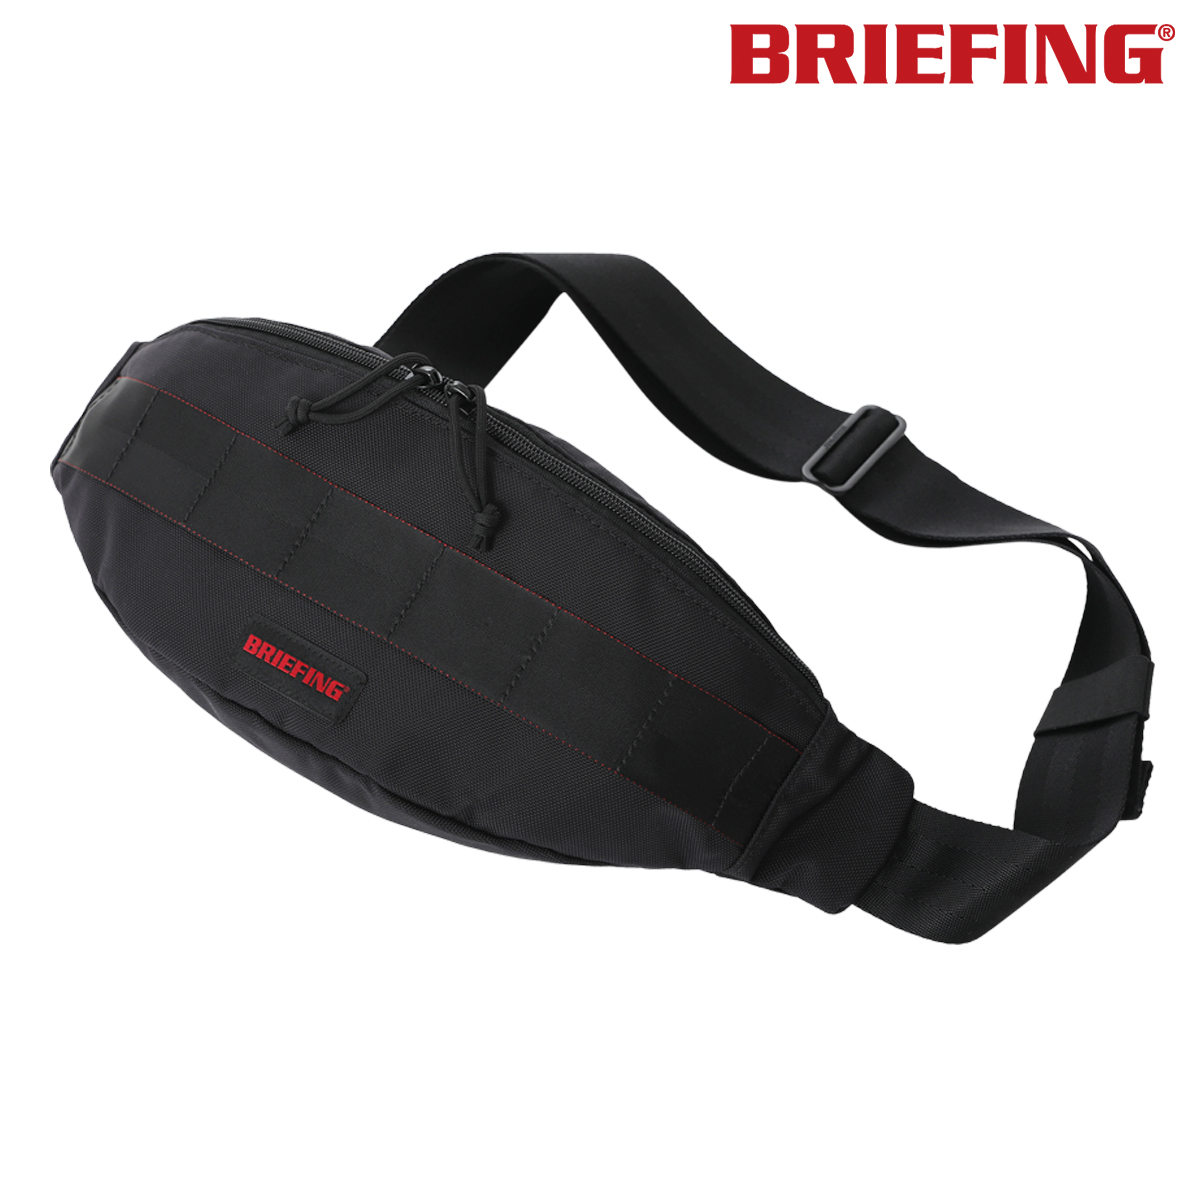 ブリーフィング ボディバッグ メンズ BRW201L08 BRIEFING TRIPOD MW | 当社限定 別注モデル ワンショルダー 軽量[即日発送][PO5]